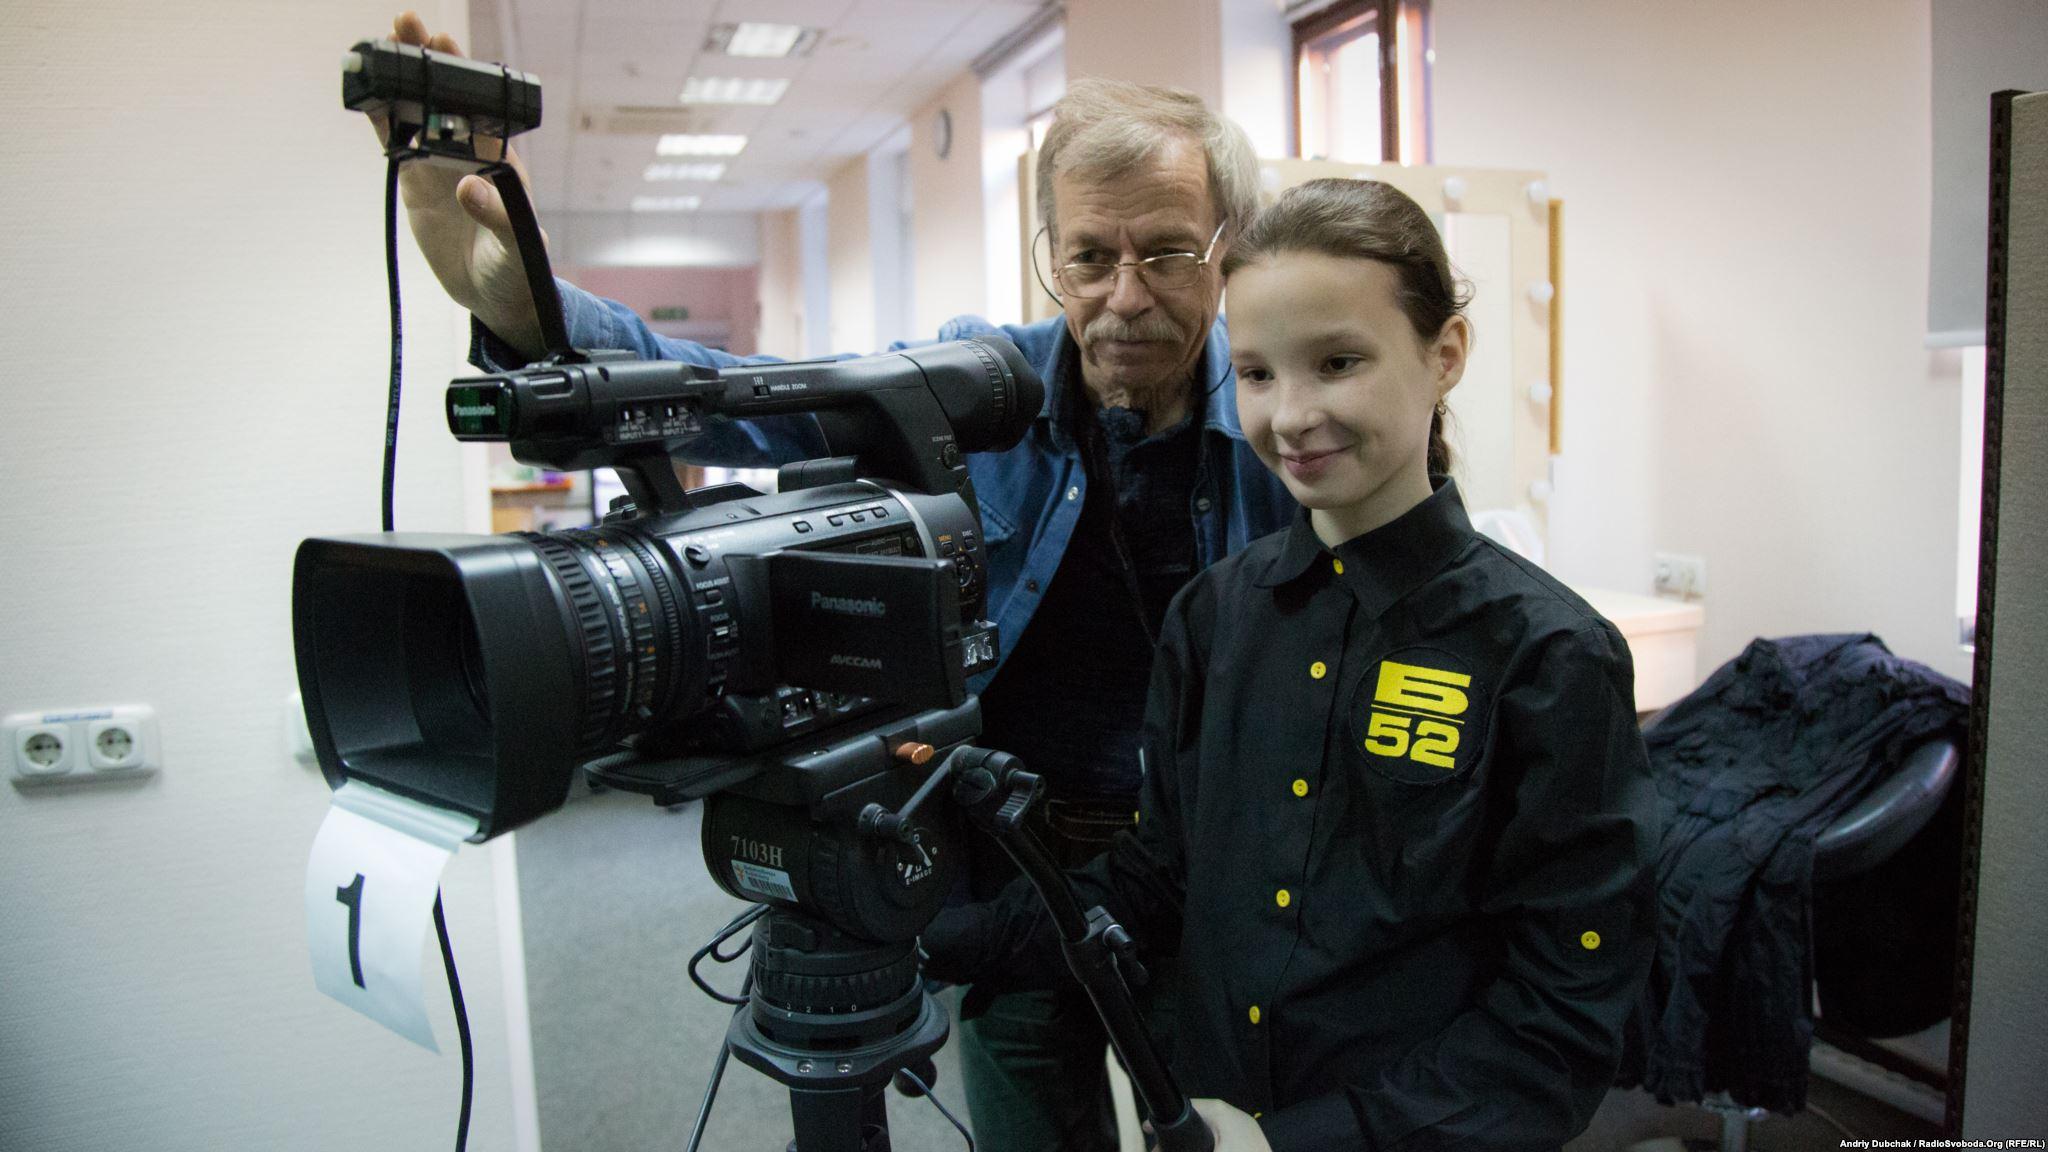 Фотогалерея: Діти на Радіо Свобода (фотограф Андрей Дубчак / Andriy Dubchak)